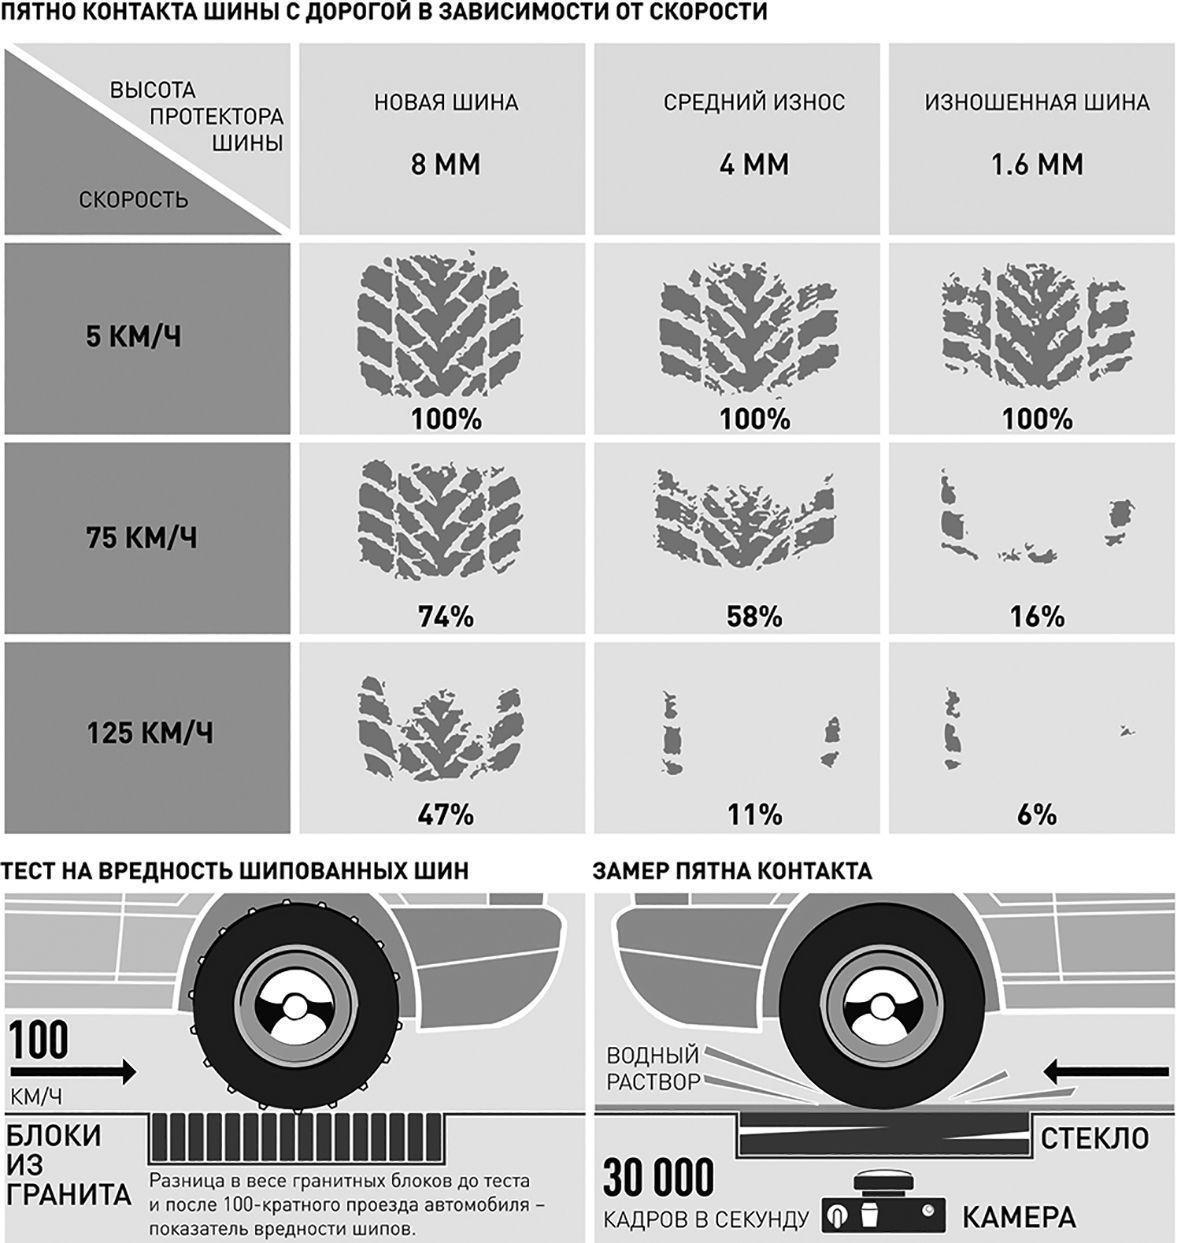 Обновленные требования к рисунку протектора шин